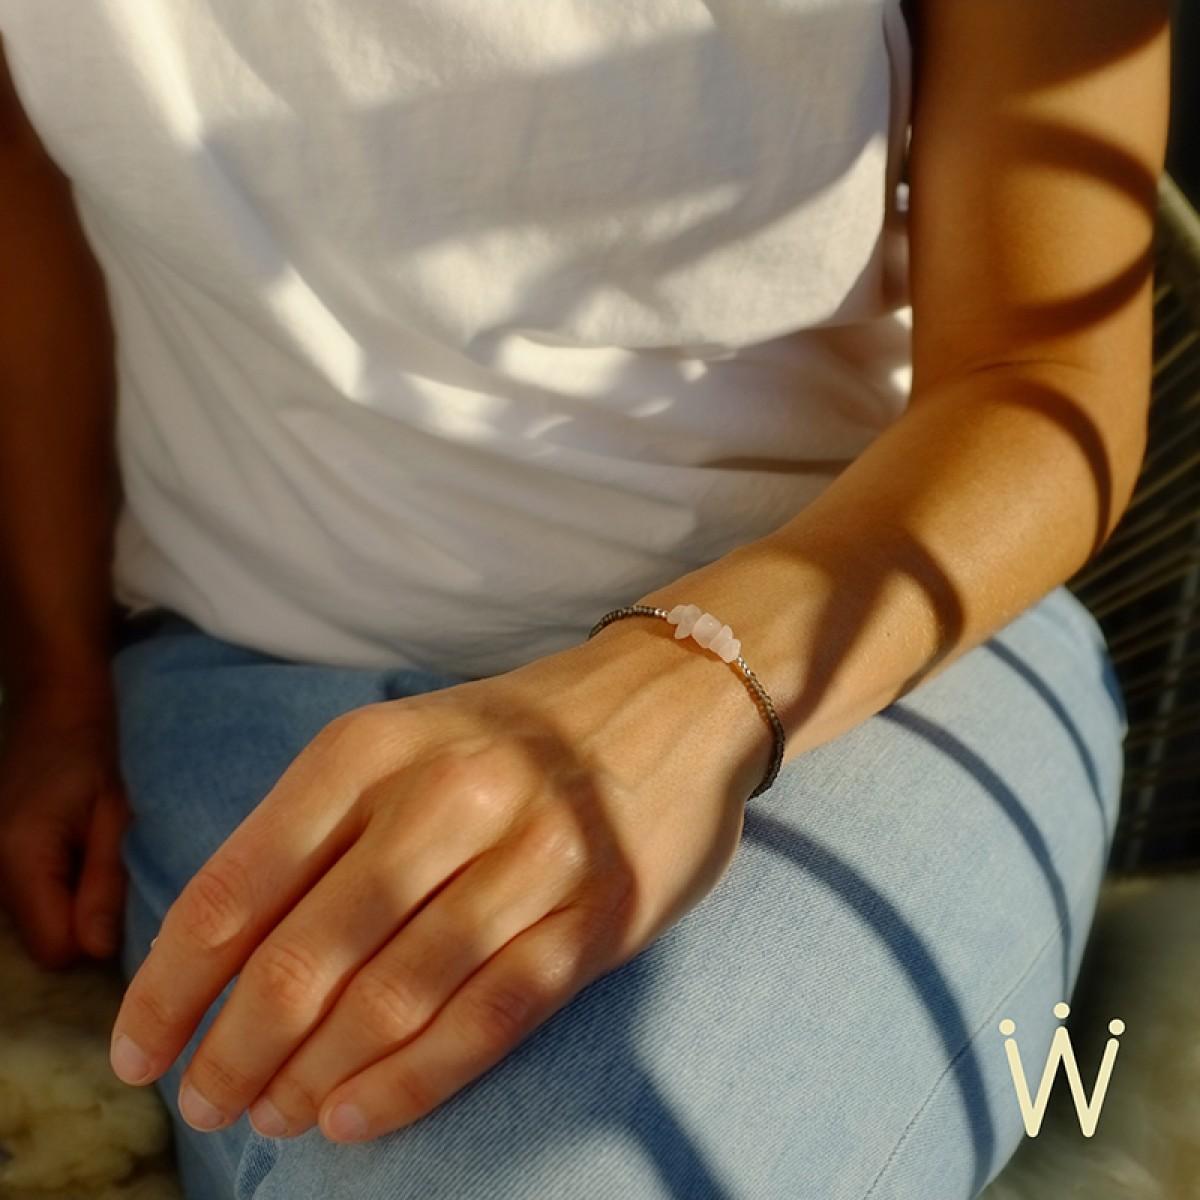 ✽ jolie petite ✽ Armband von Weiskönig Jewelry